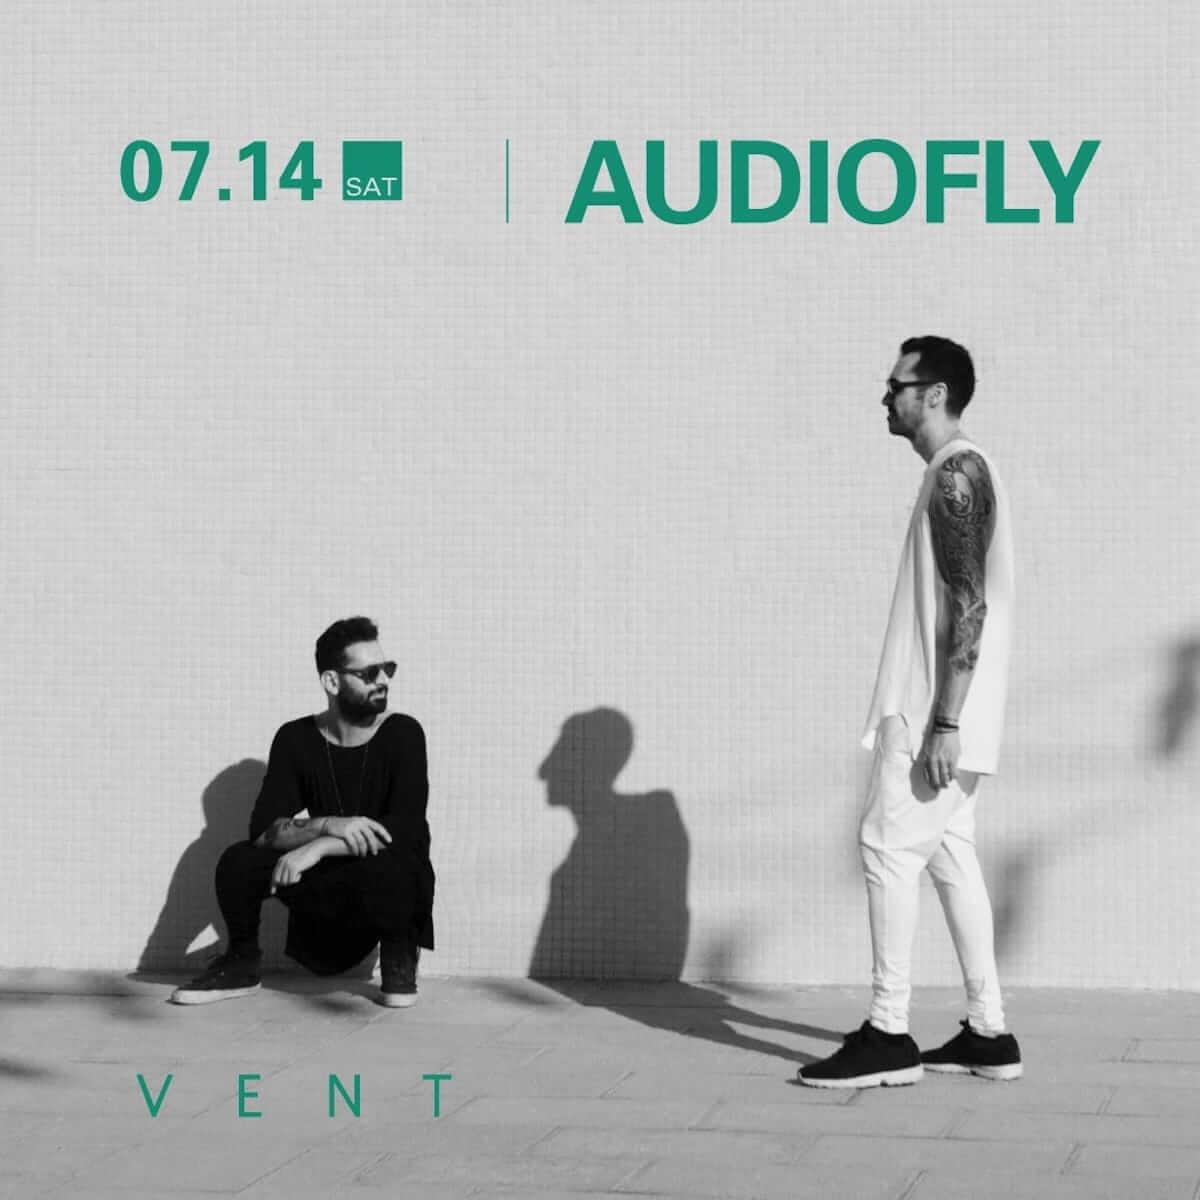 世界中からリクエストが止まないAudioflyが7月14日のVENTに初登場 music180713_audiofly_3-1200x1200